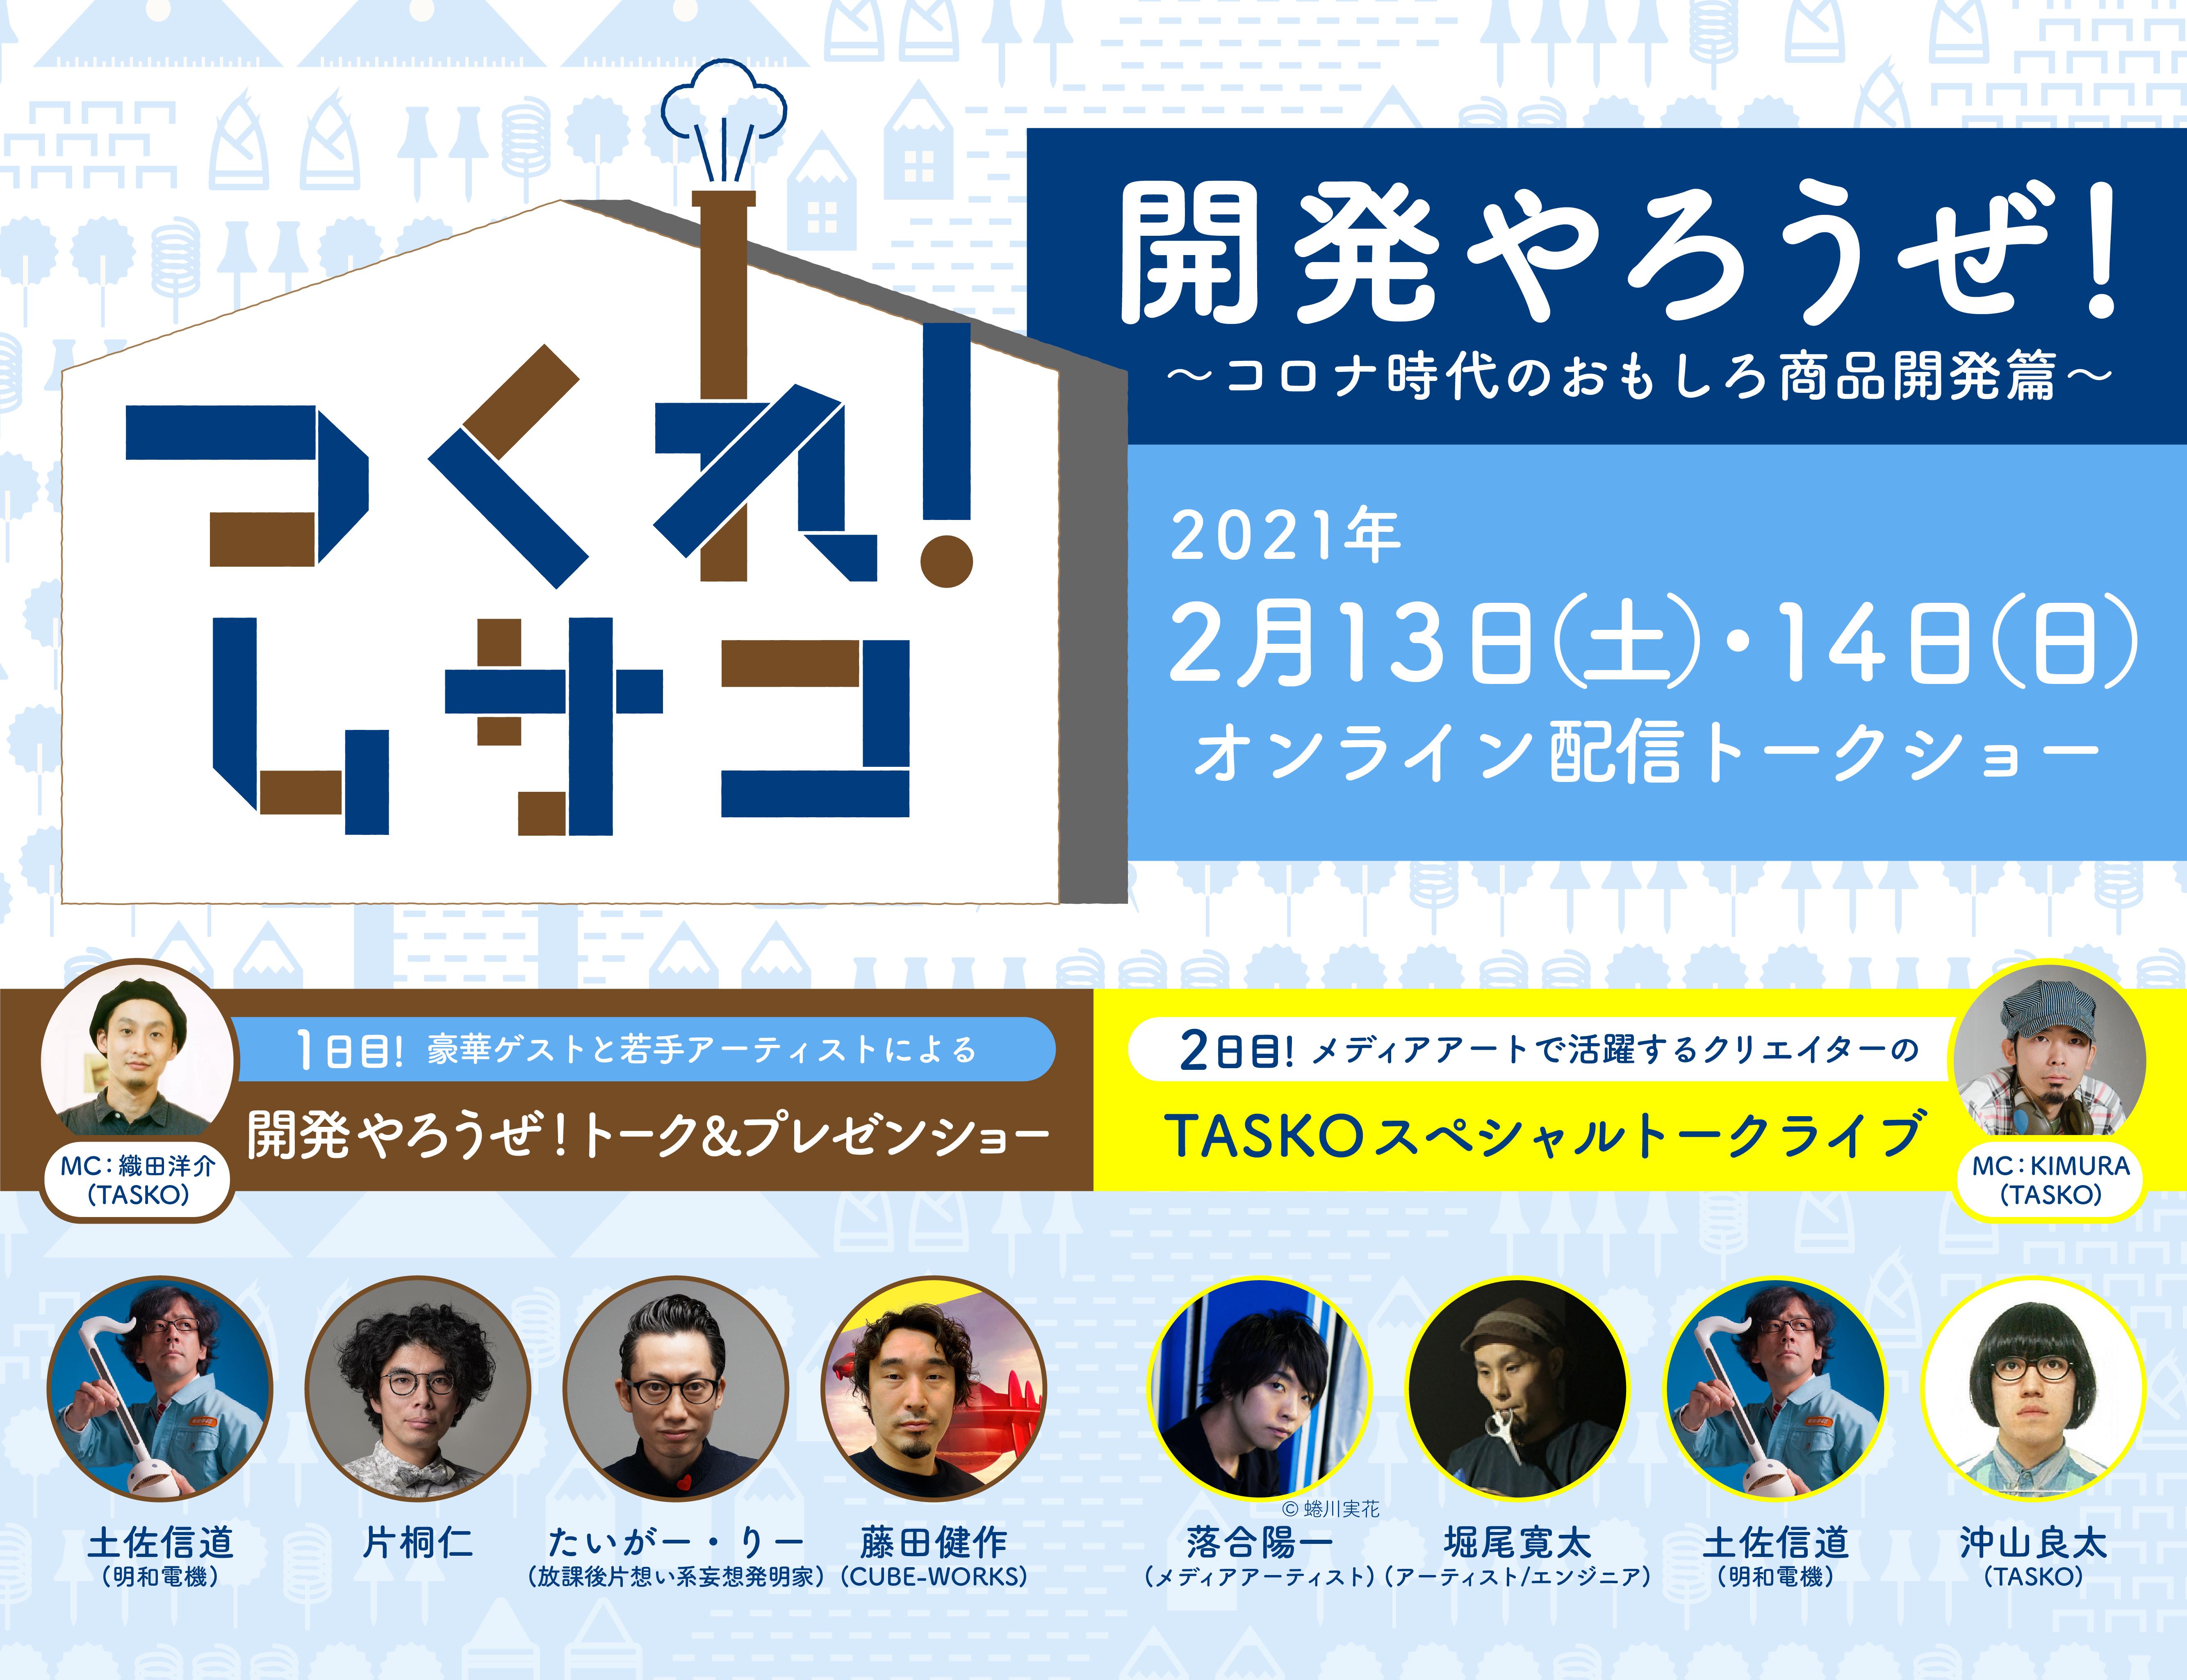 つくれ!ムサコ vol.10 『開発やろうぜ!』トークイベント開催!